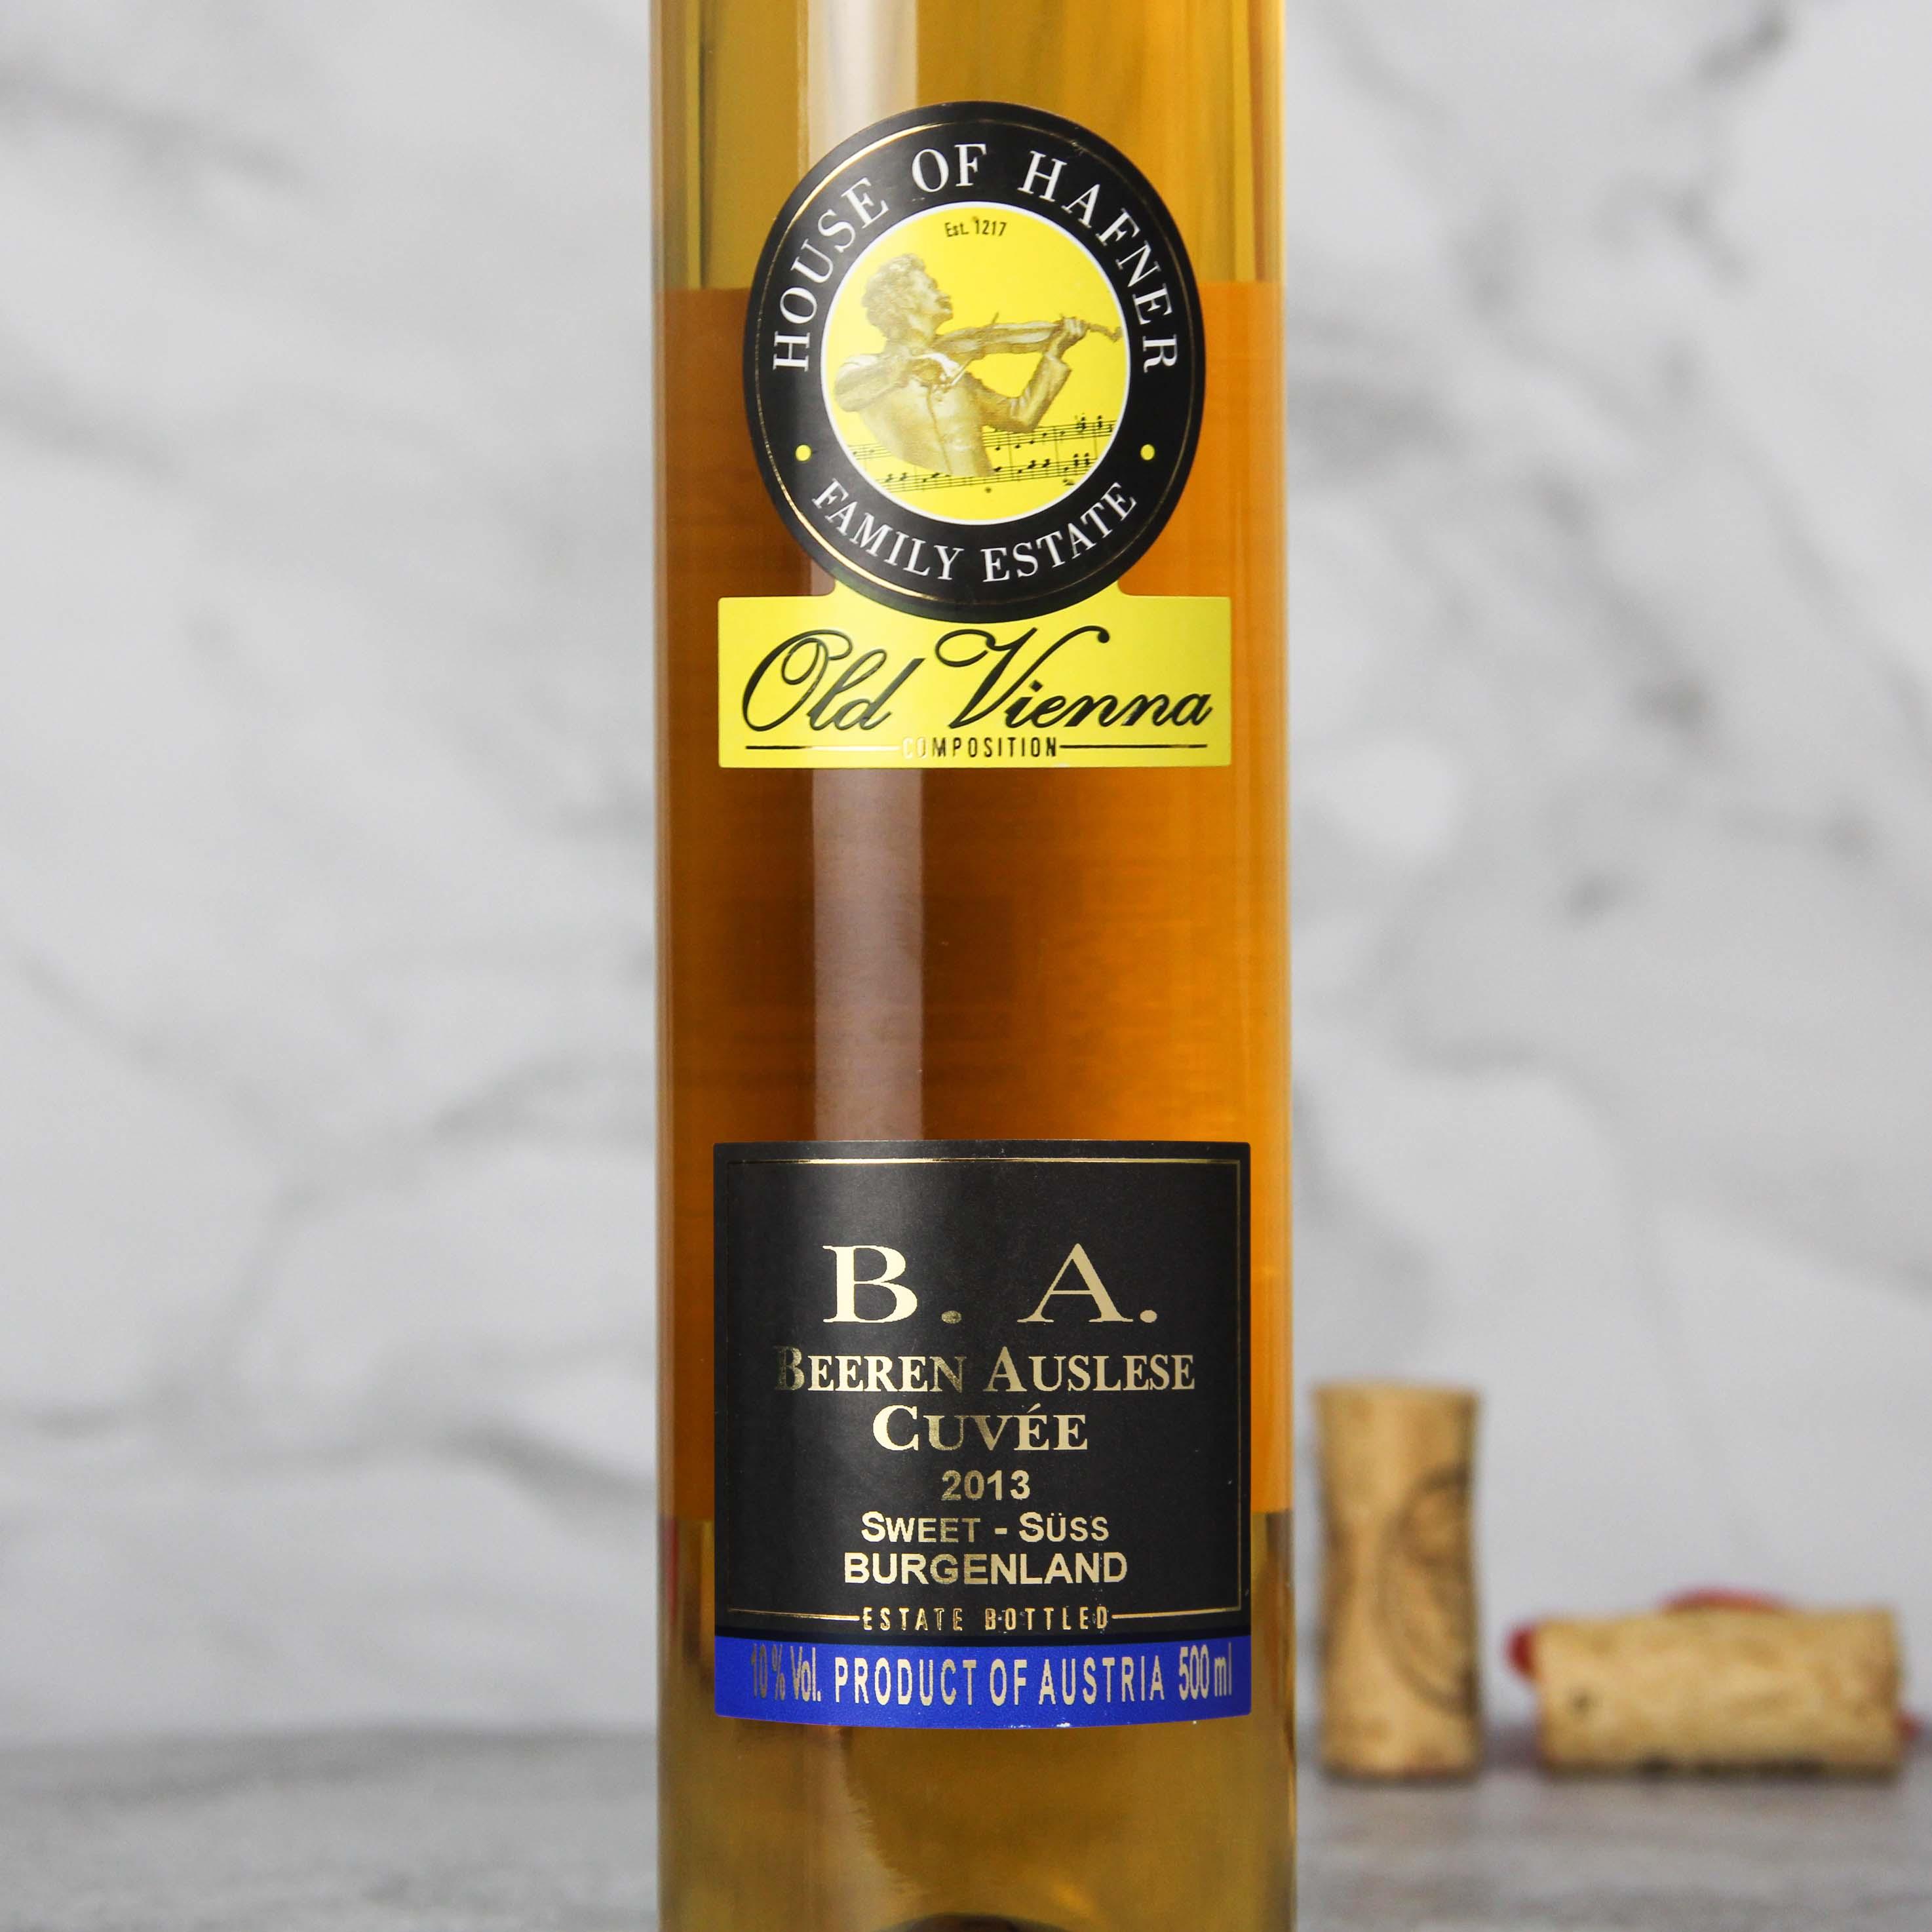 奥地利布尔根兰B.A 貴腐甜白葡萄酒 2013